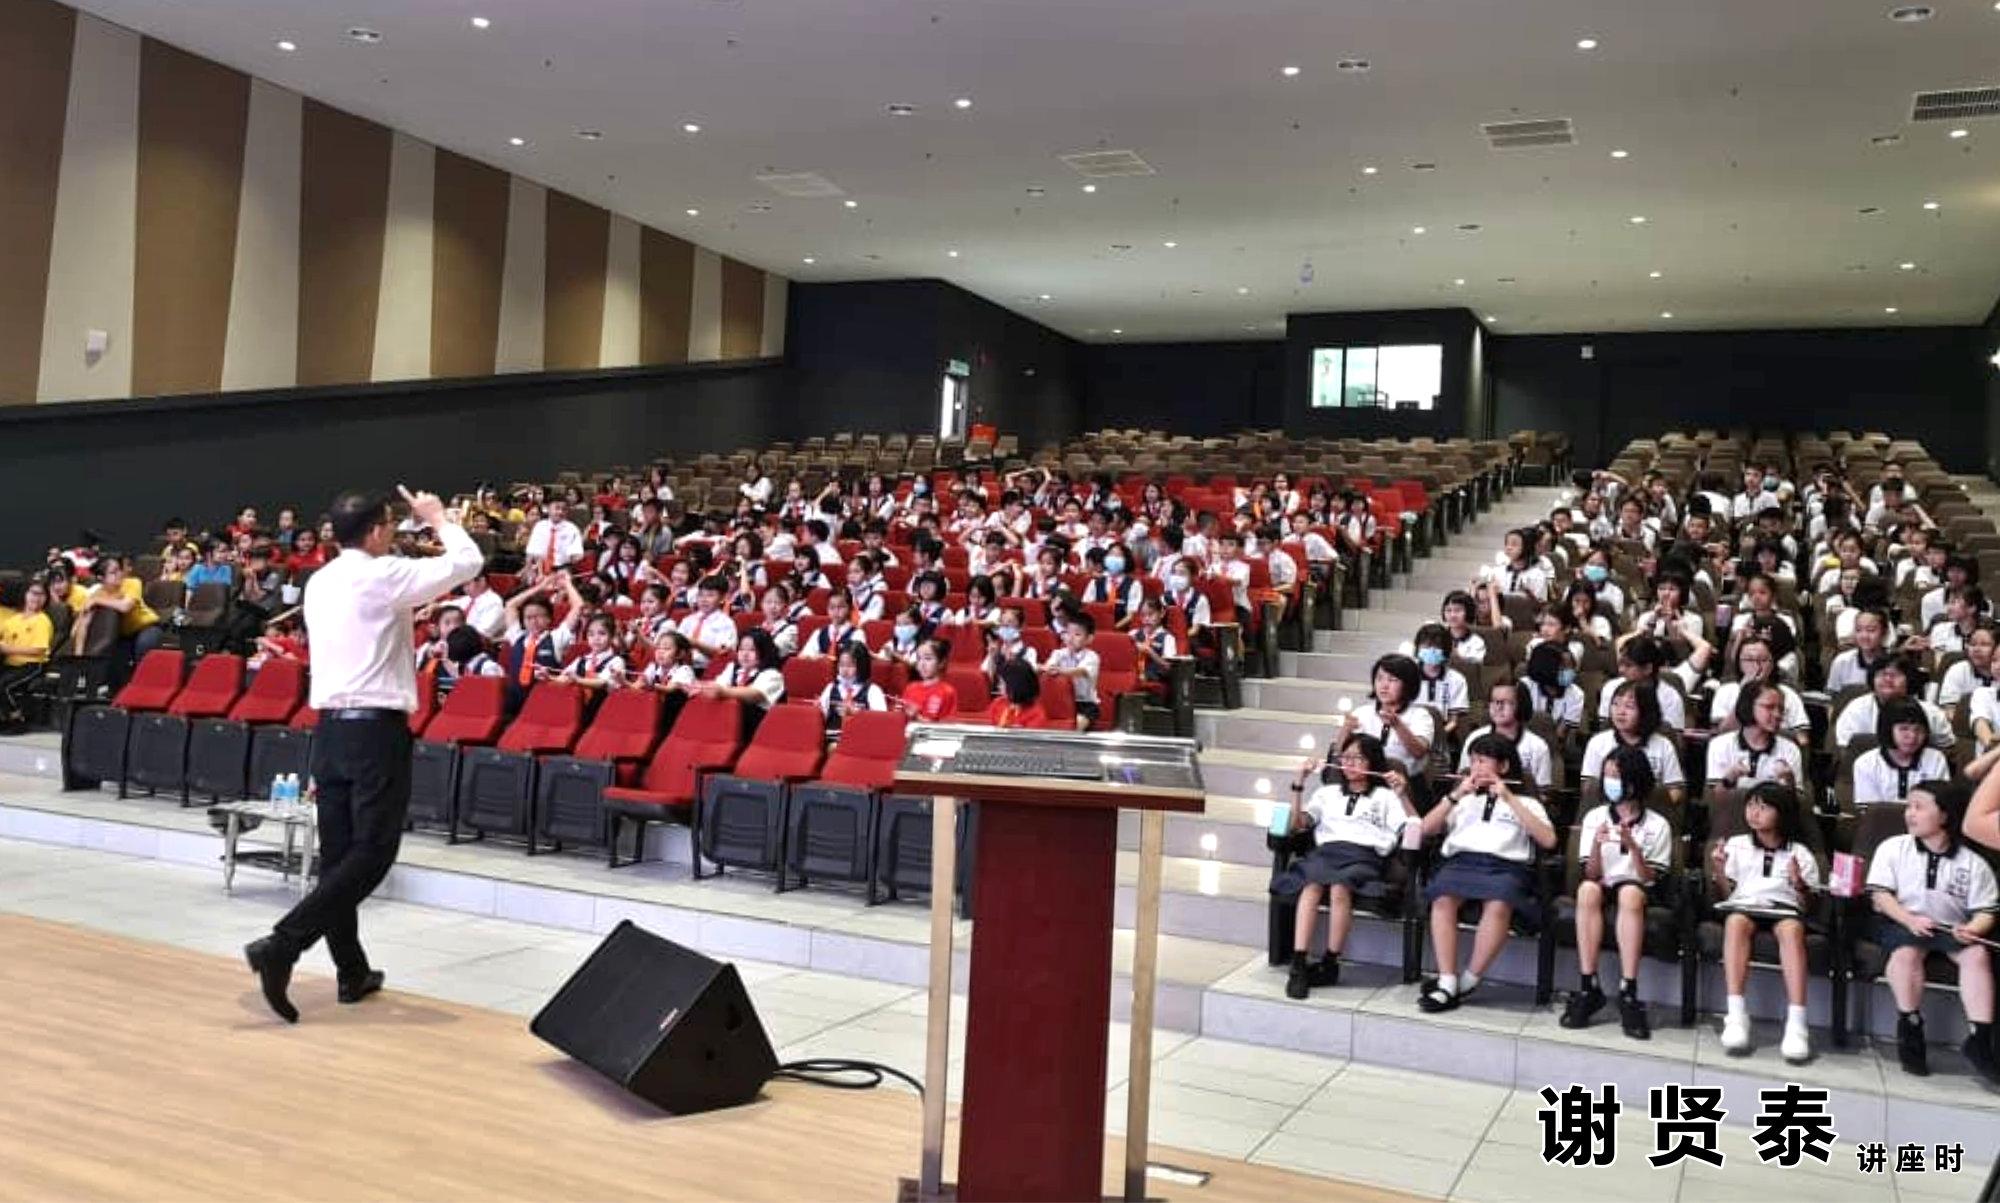 谢贤泰 新山宽柔一小 成为团队领袖 Be A Team Leader 2020小领袖培训营 麻坡小学领袖培训 新山小学培训 A005